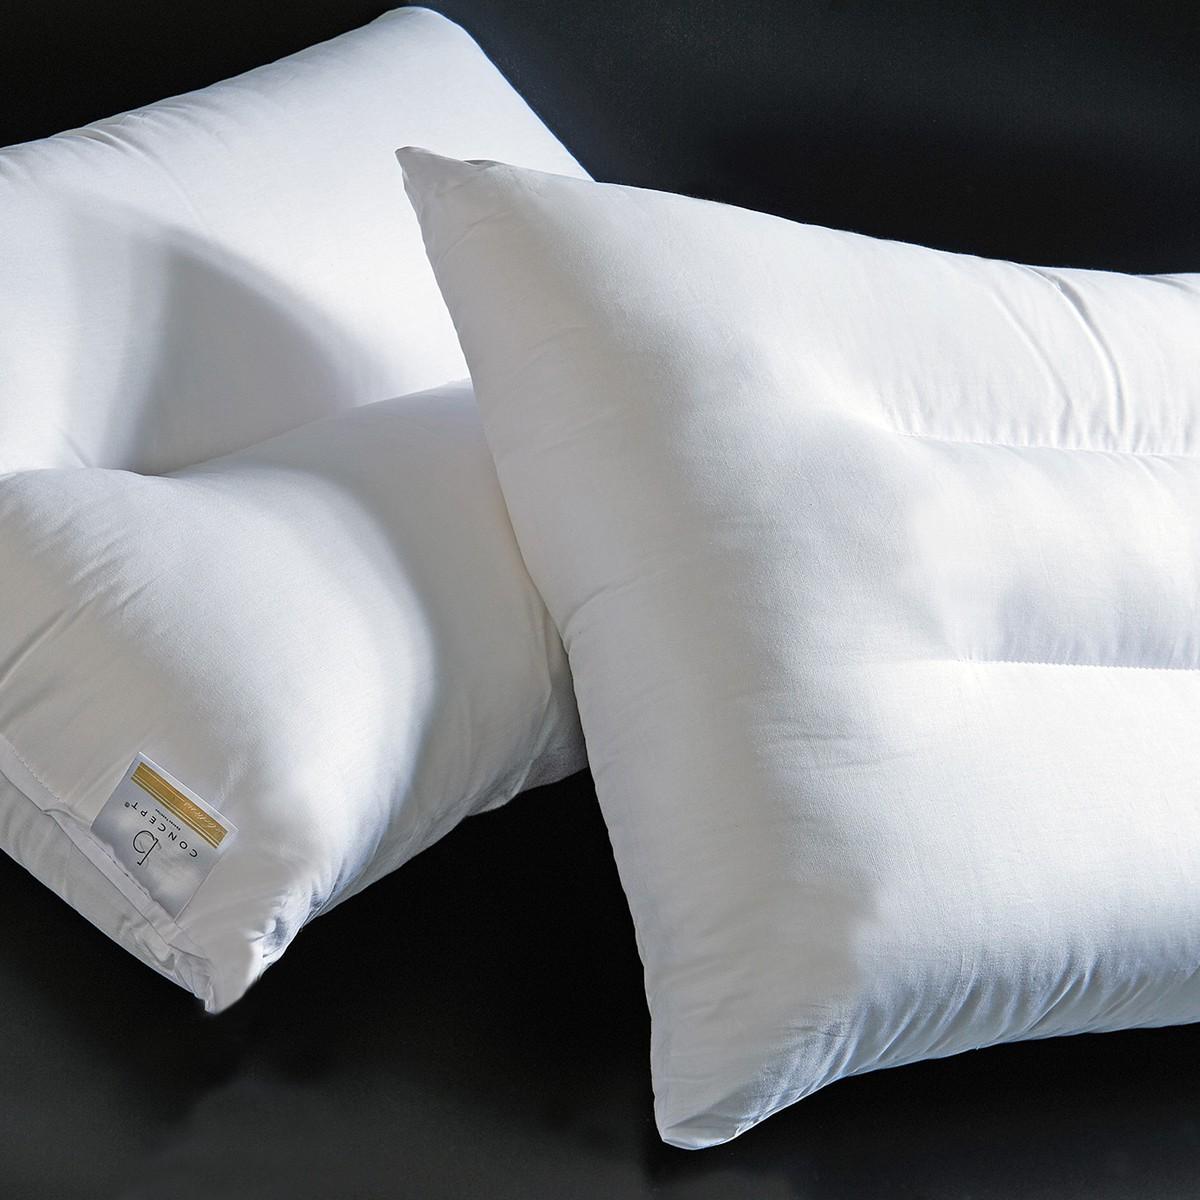 Μαξιλάρι Ύπνου Ανατομικό Sb Concept Anatomic